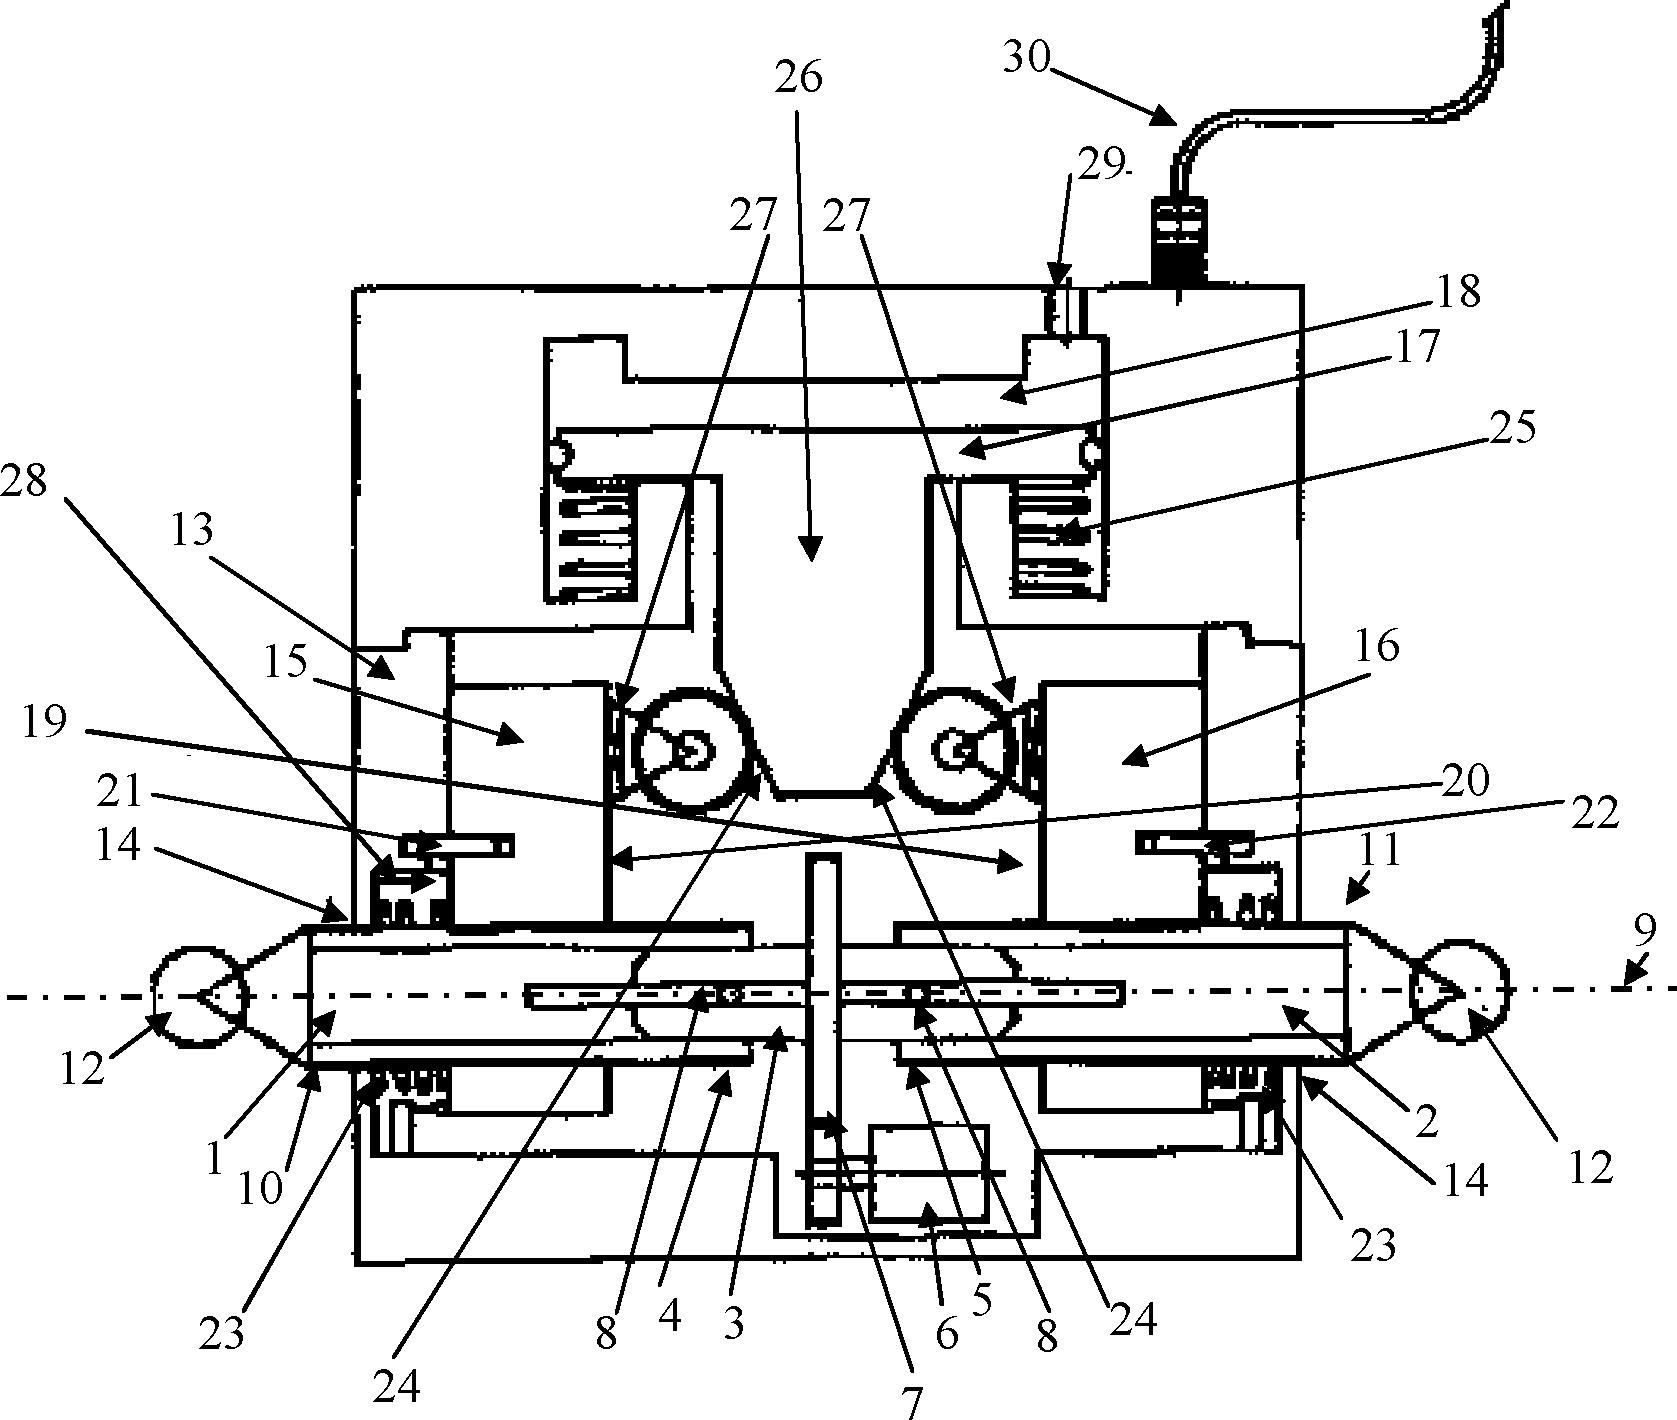 Figure DE102016205961A1_0001